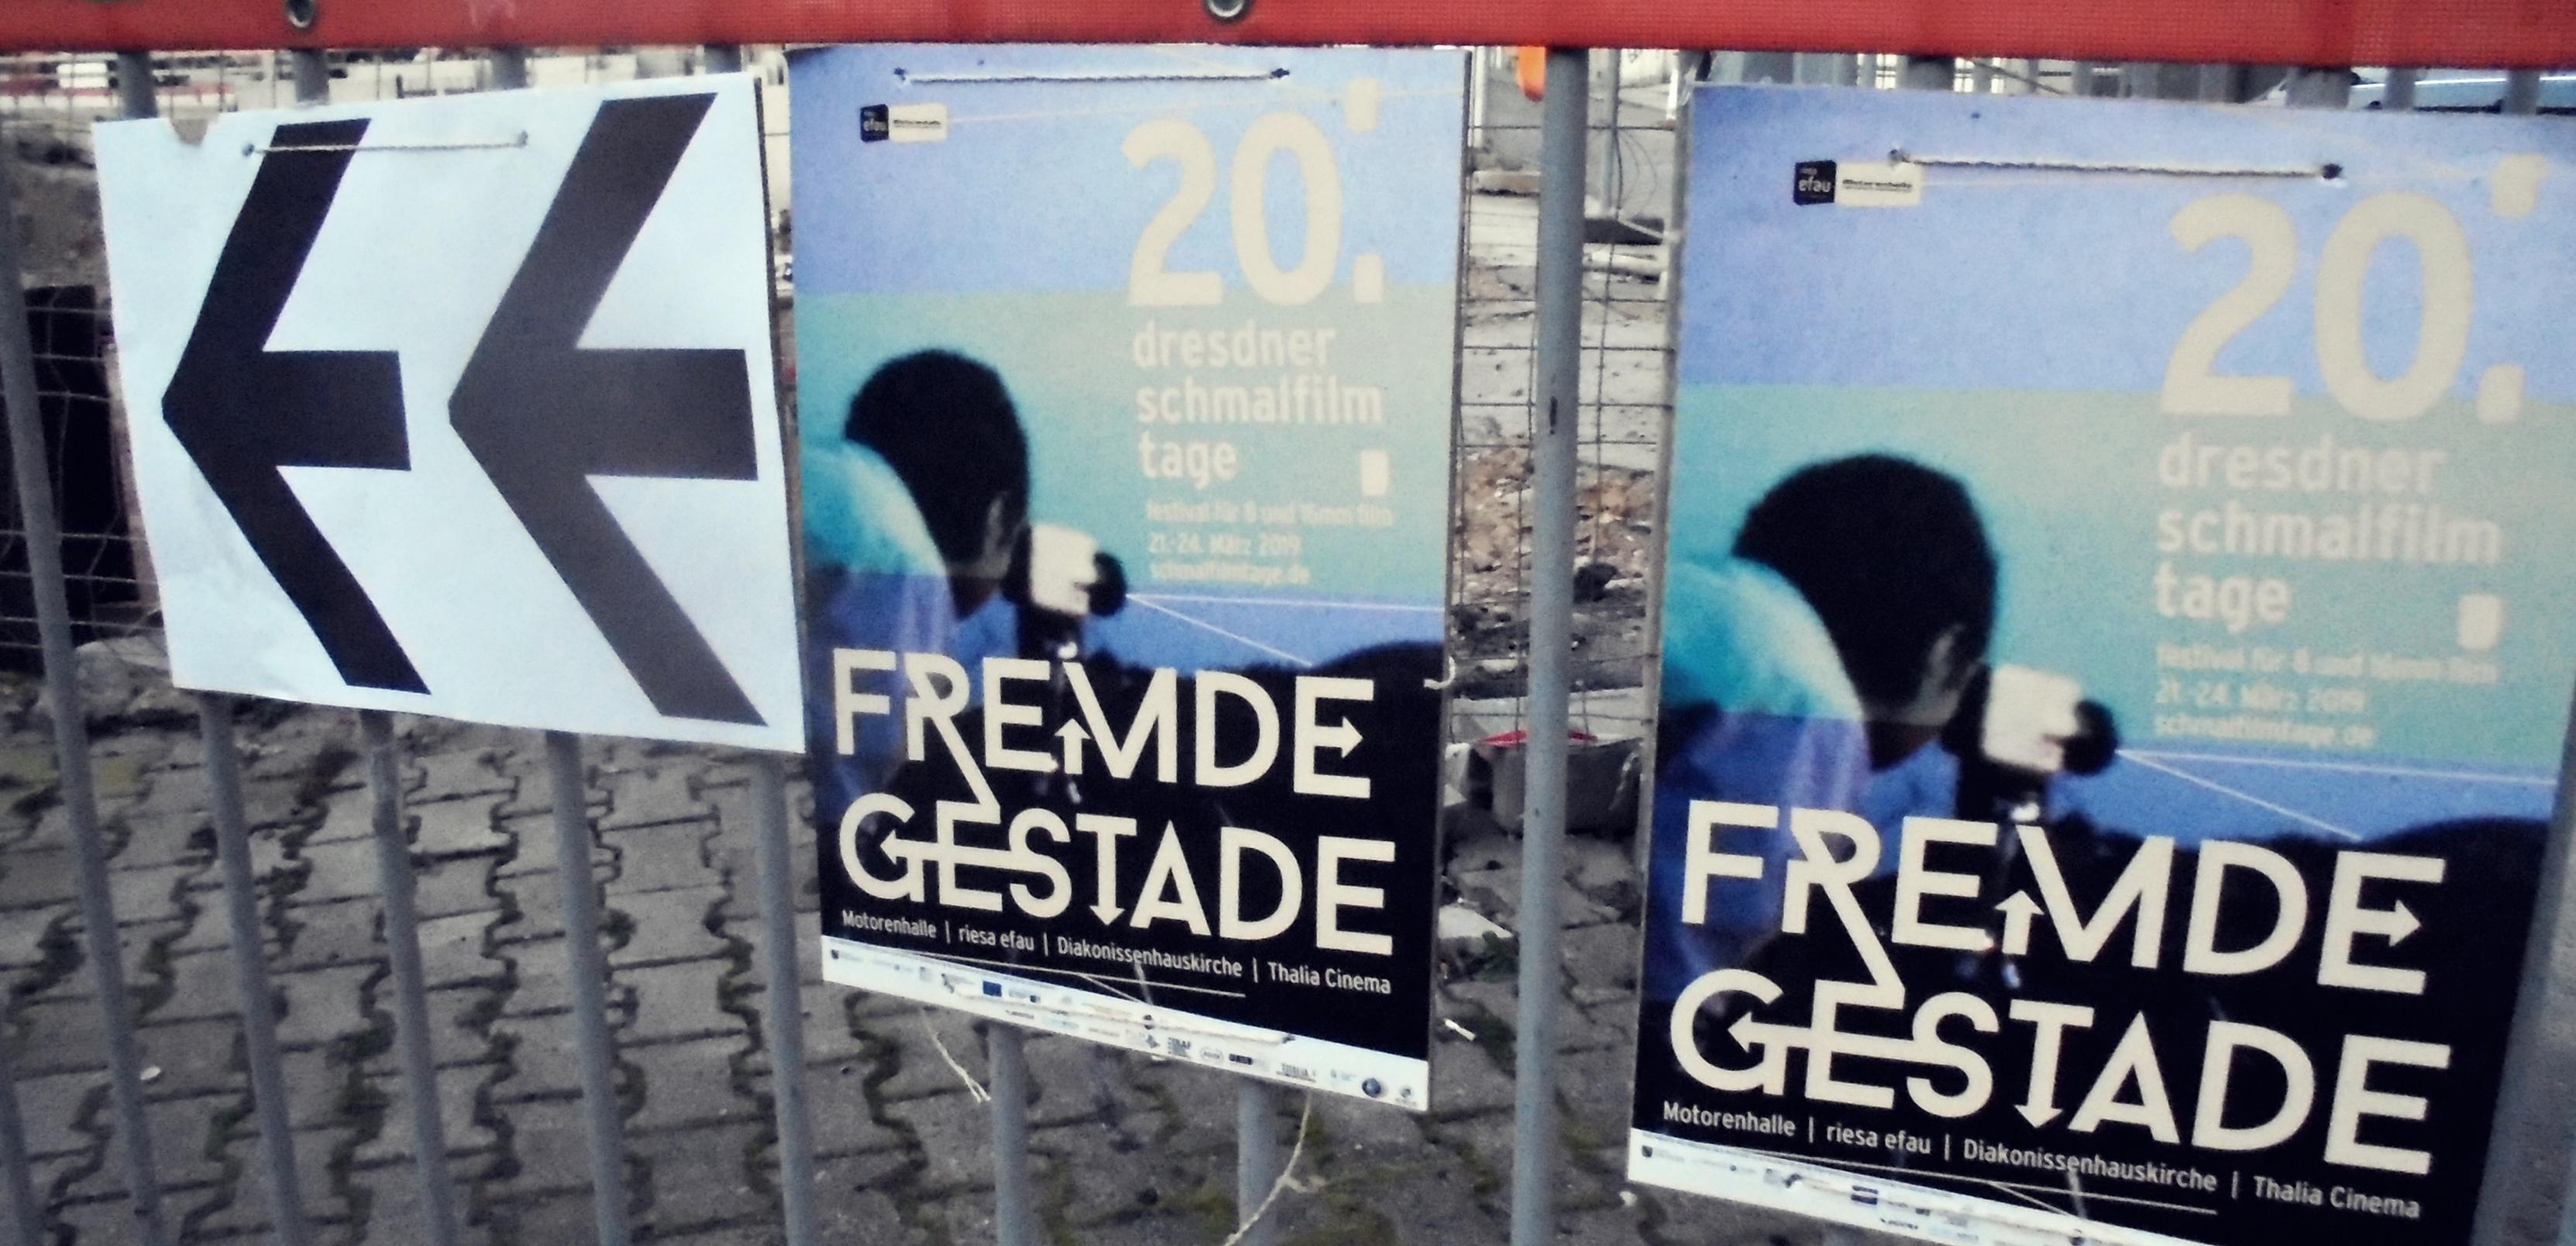 Zwei Schmalfilmabende in Dresden